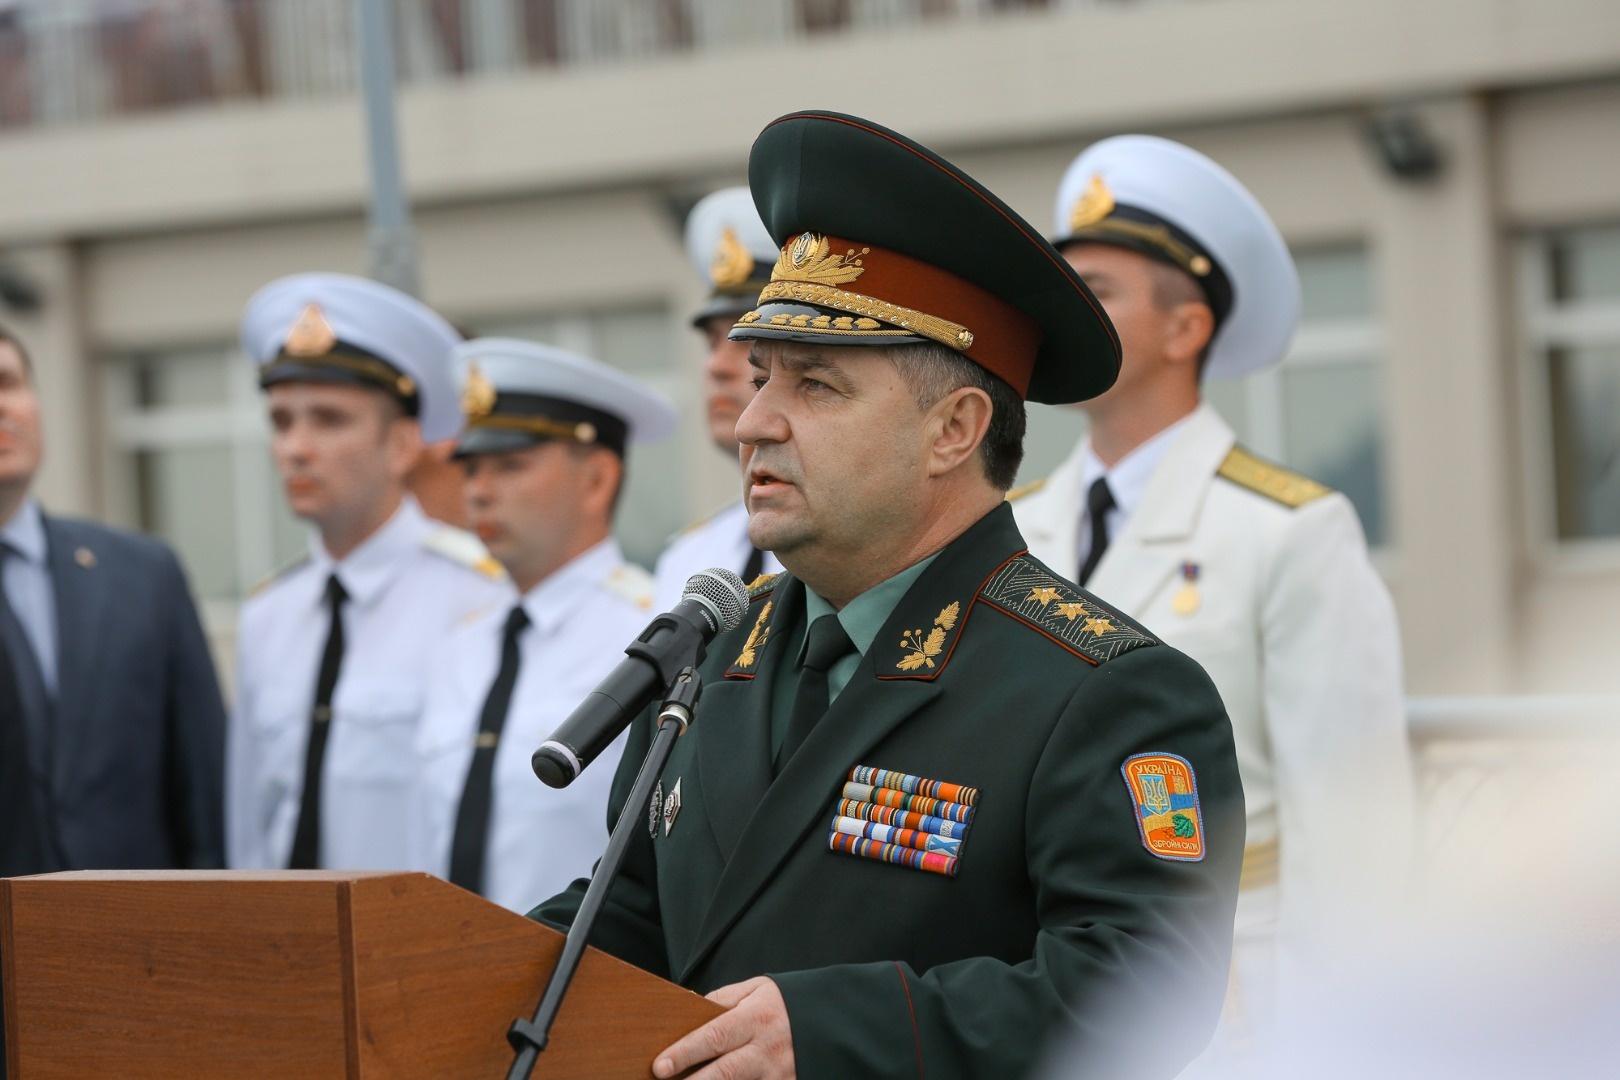 Полторак в новейшей форме наградил украинских военных